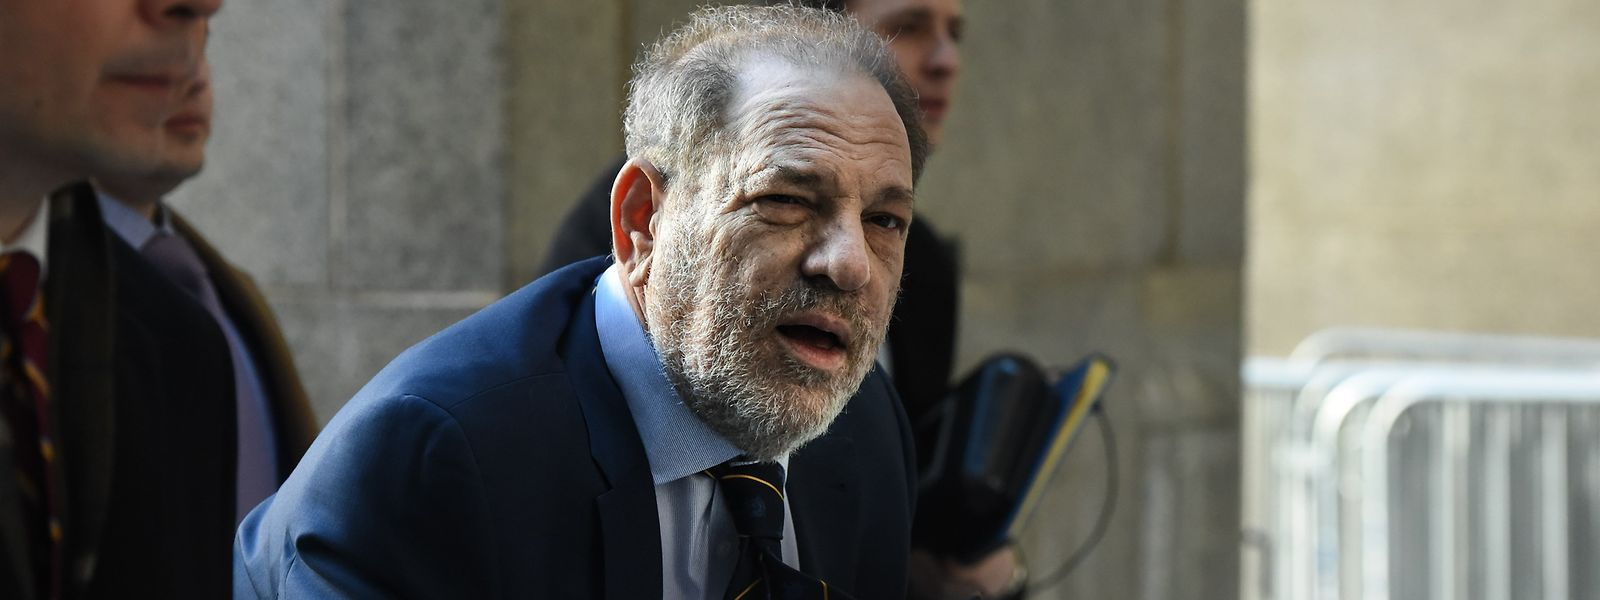 Die Richter haben das Strafmaß für Harvey Weinstein verkündet: 23 Jahre Haft.